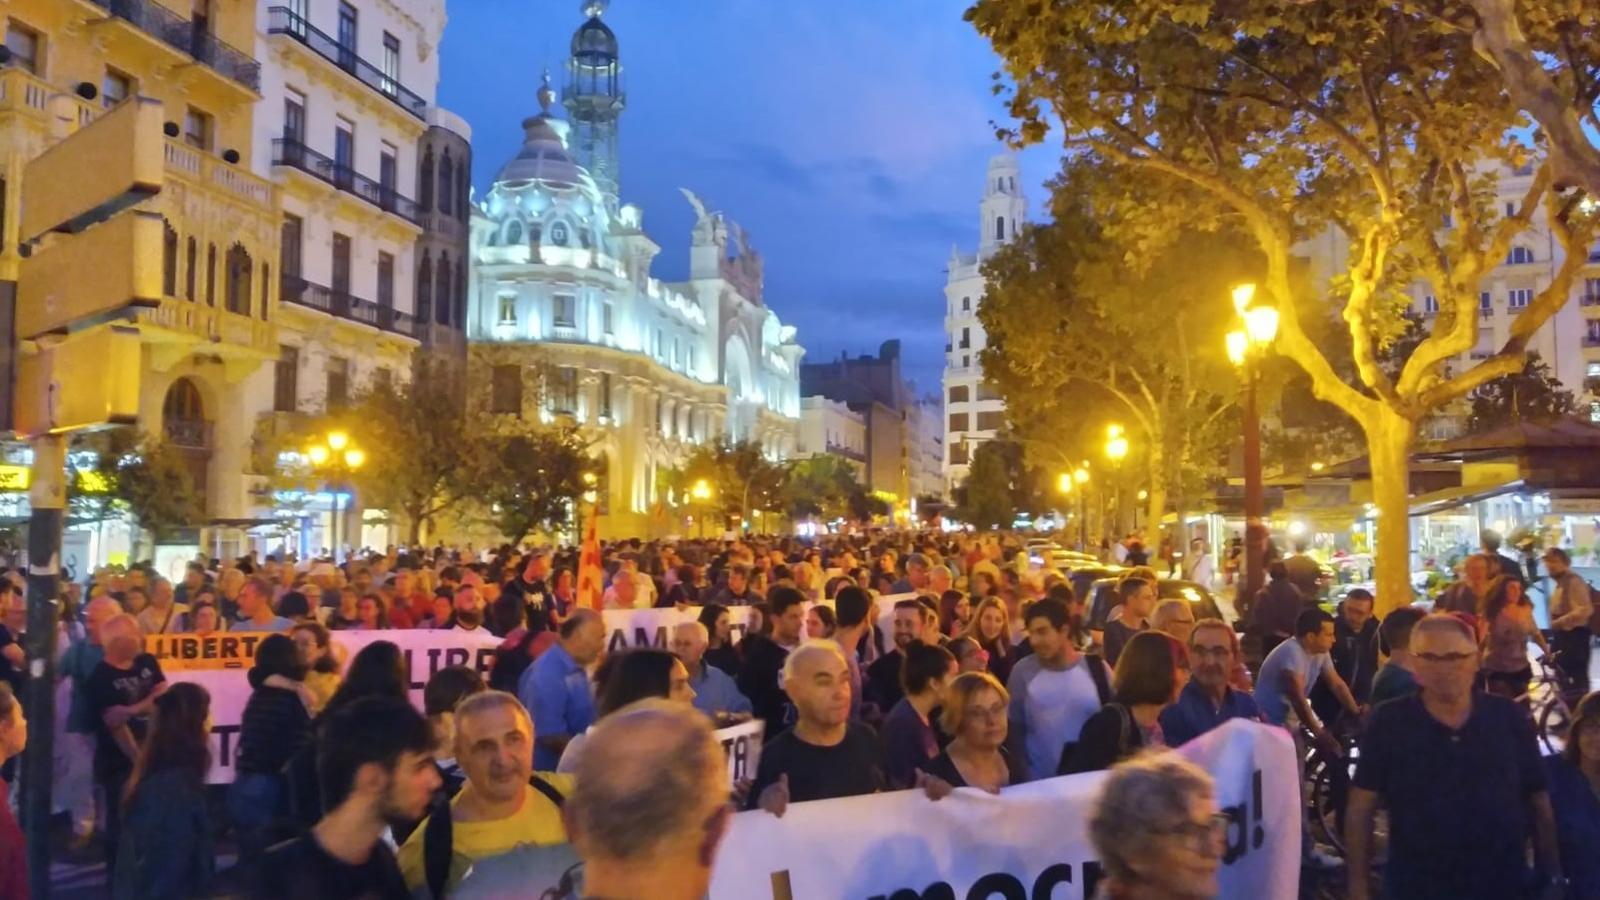 Concentració a València per rebutjar les condemnes als líders independentistes catalans